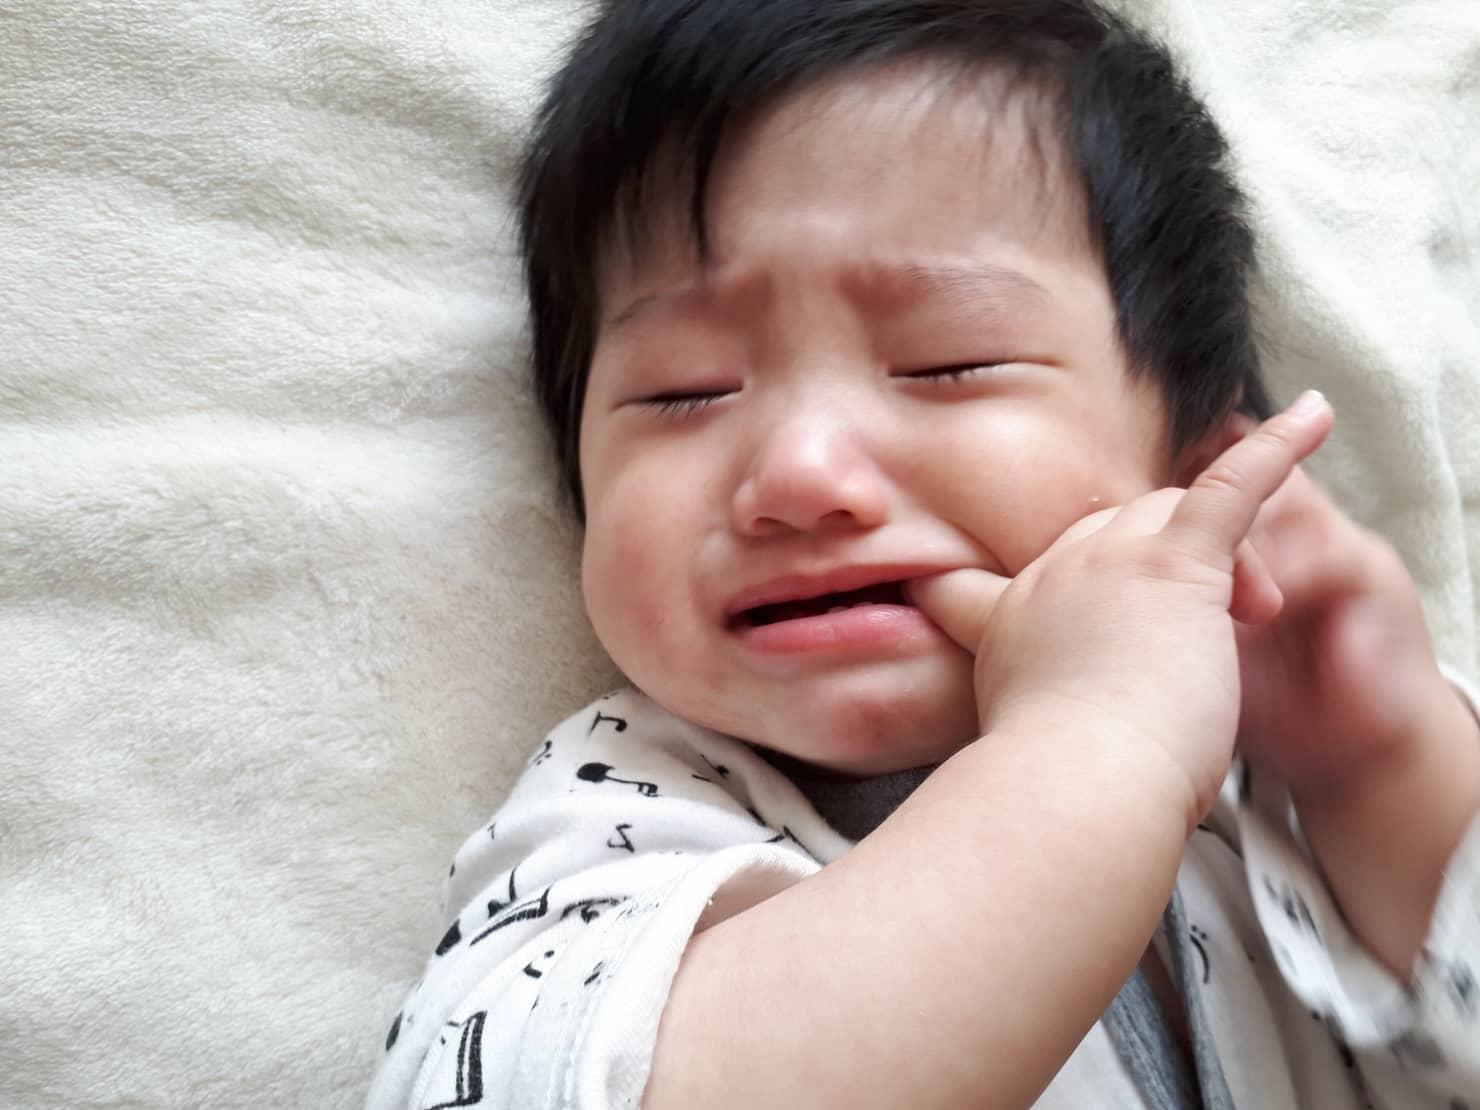 赤ちゃんによく起きる事故と場所や年齢別の安全対策を紹介!